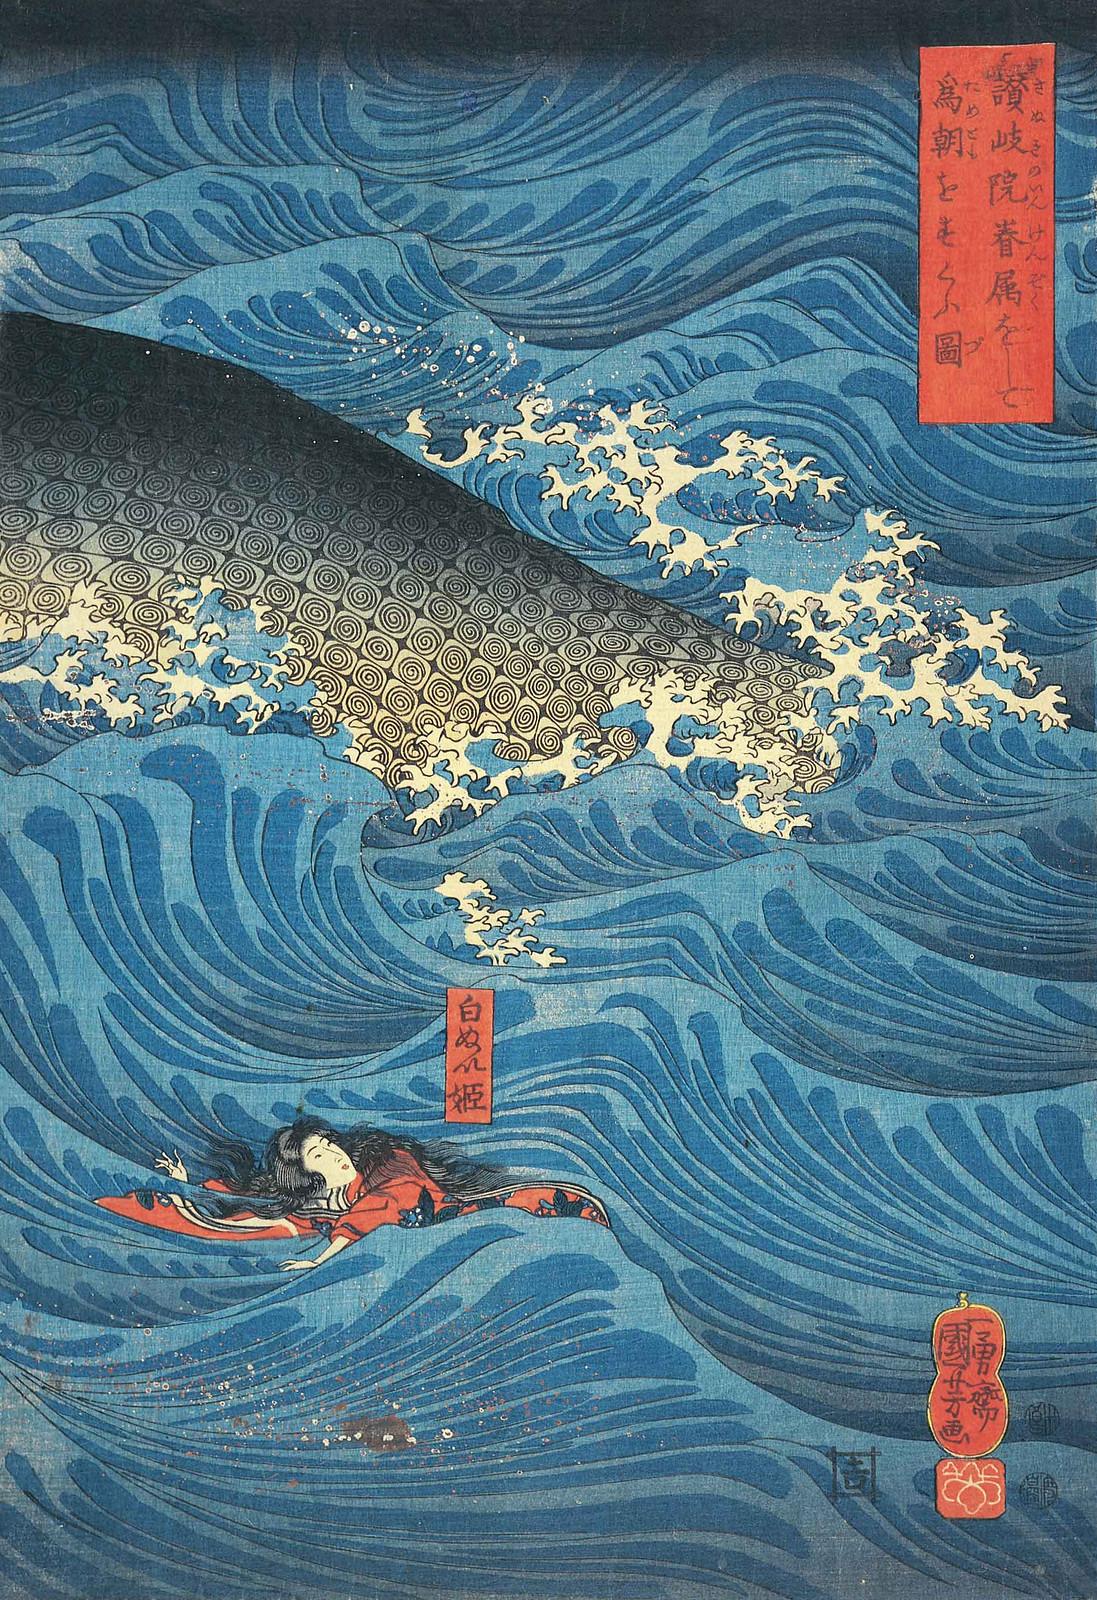 Utagawa Kuniyoshi - Retired Emperor Sanuki Sends Allies to Rescue Tametomo, Edo Period (right panel)